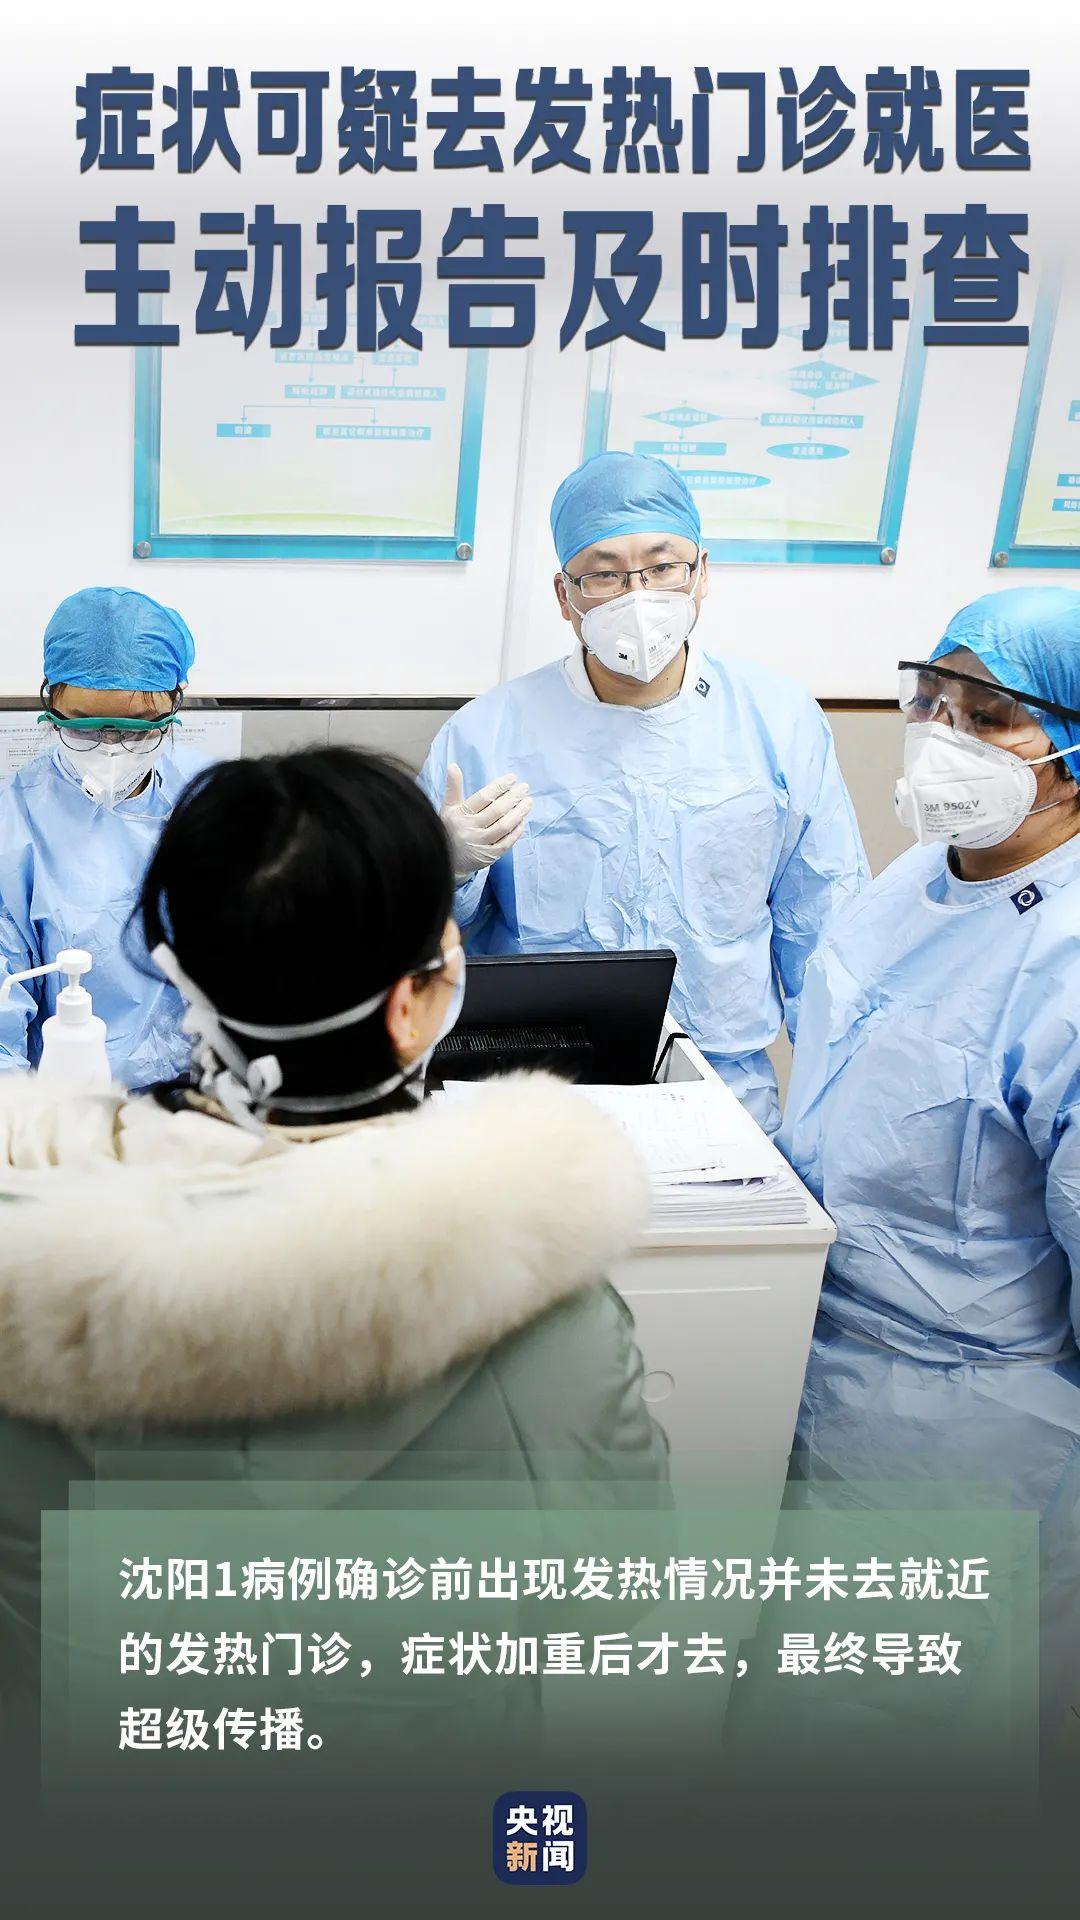 石家庄多名患者出现咳嗽等症状后曾自行服药 潘涛有一个呼吁图片